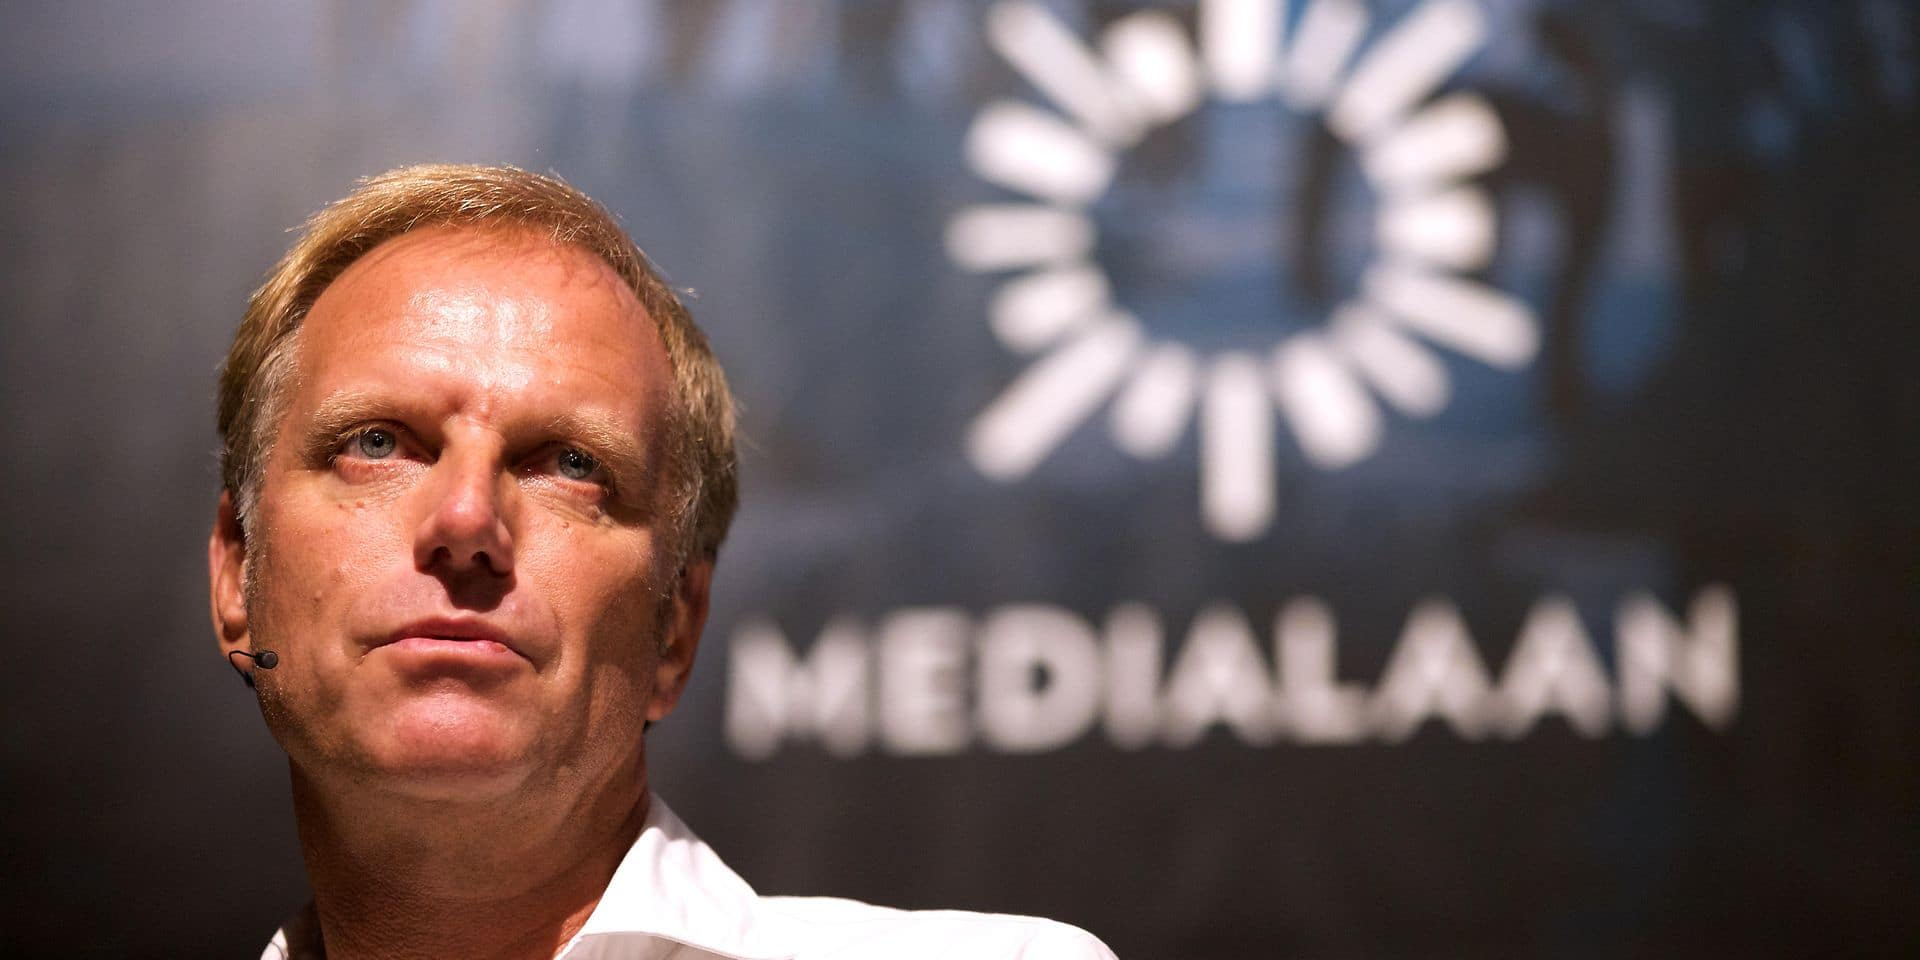 Peter Bossaert va devenir le secrétaire général de l'Union belge